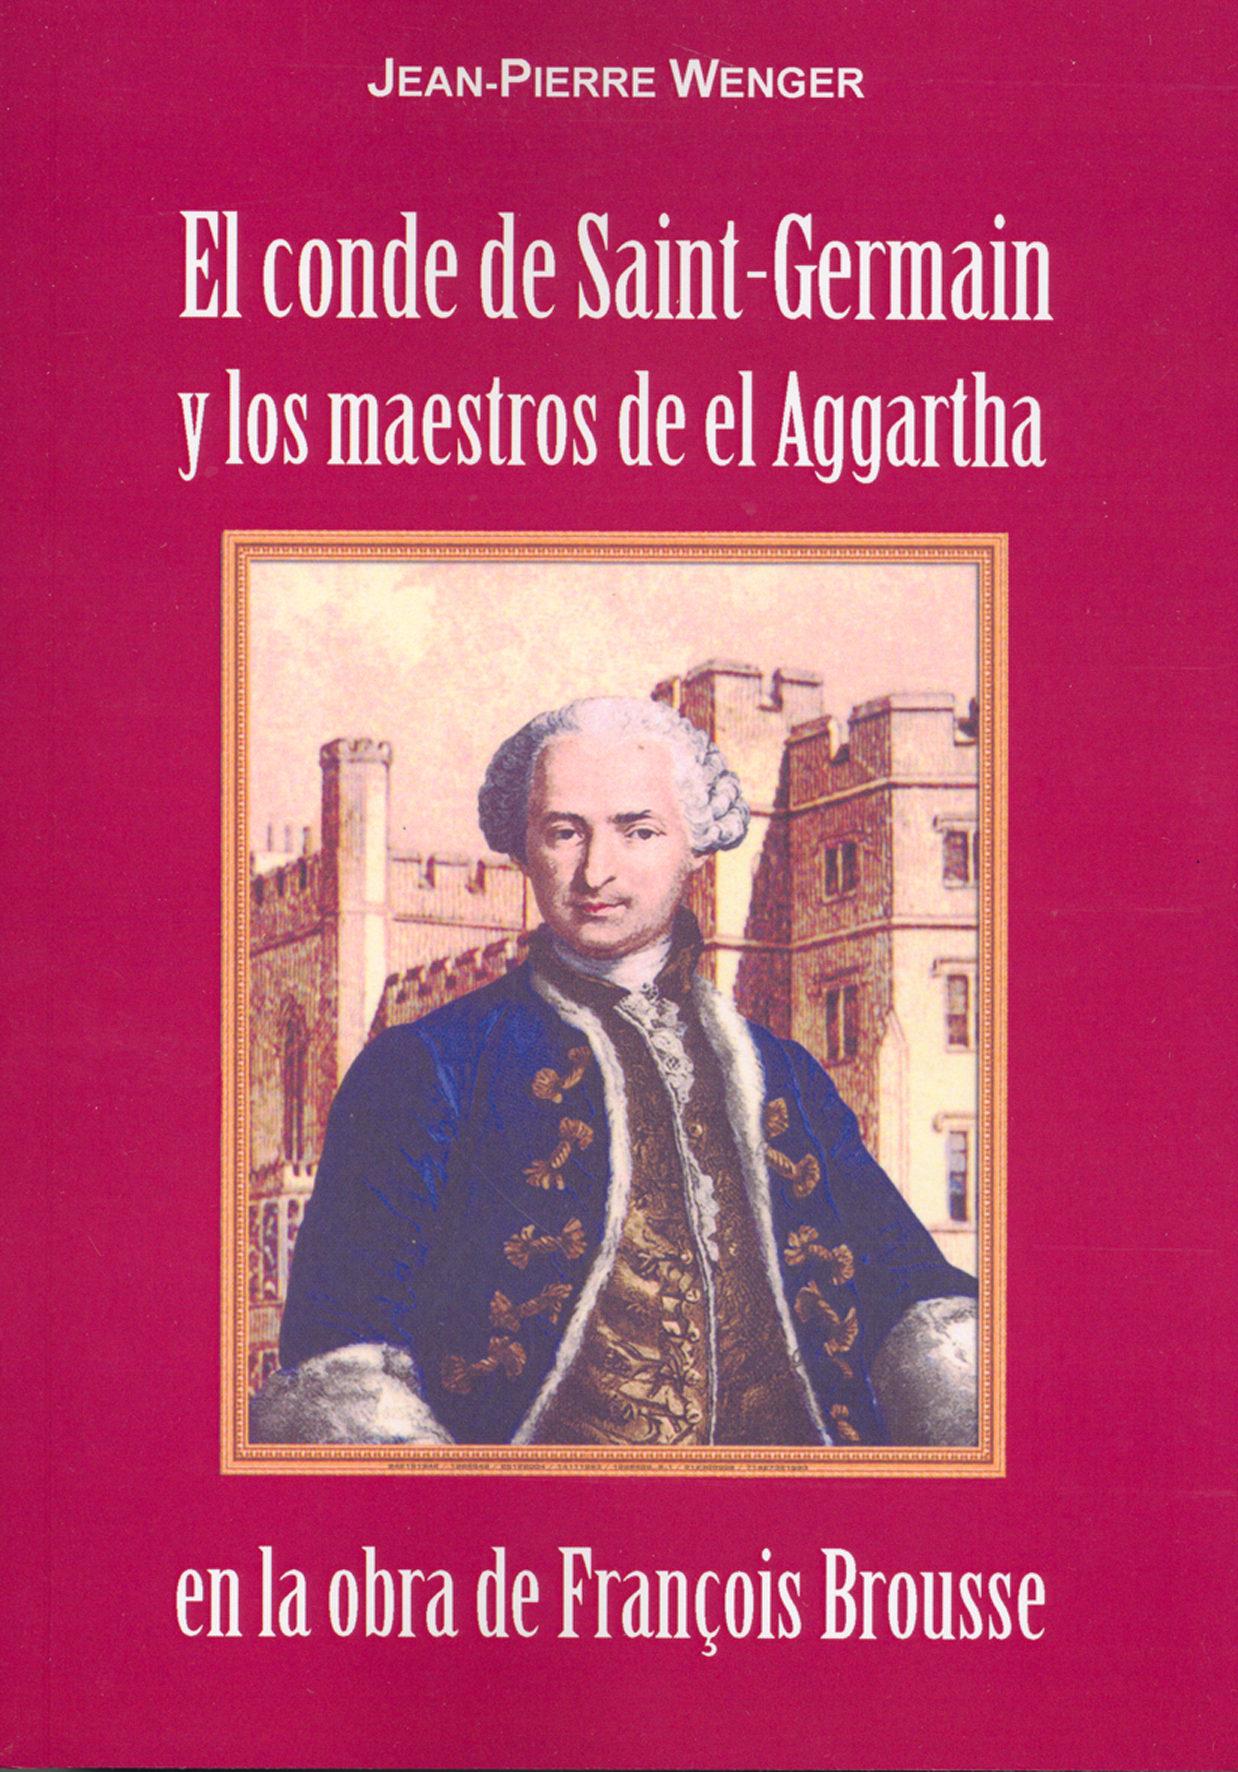 El Conde De Saint-germain Y Los Maestros De El Aggartha En La Obra De François Brousse por Jean-pierre Wenger epub